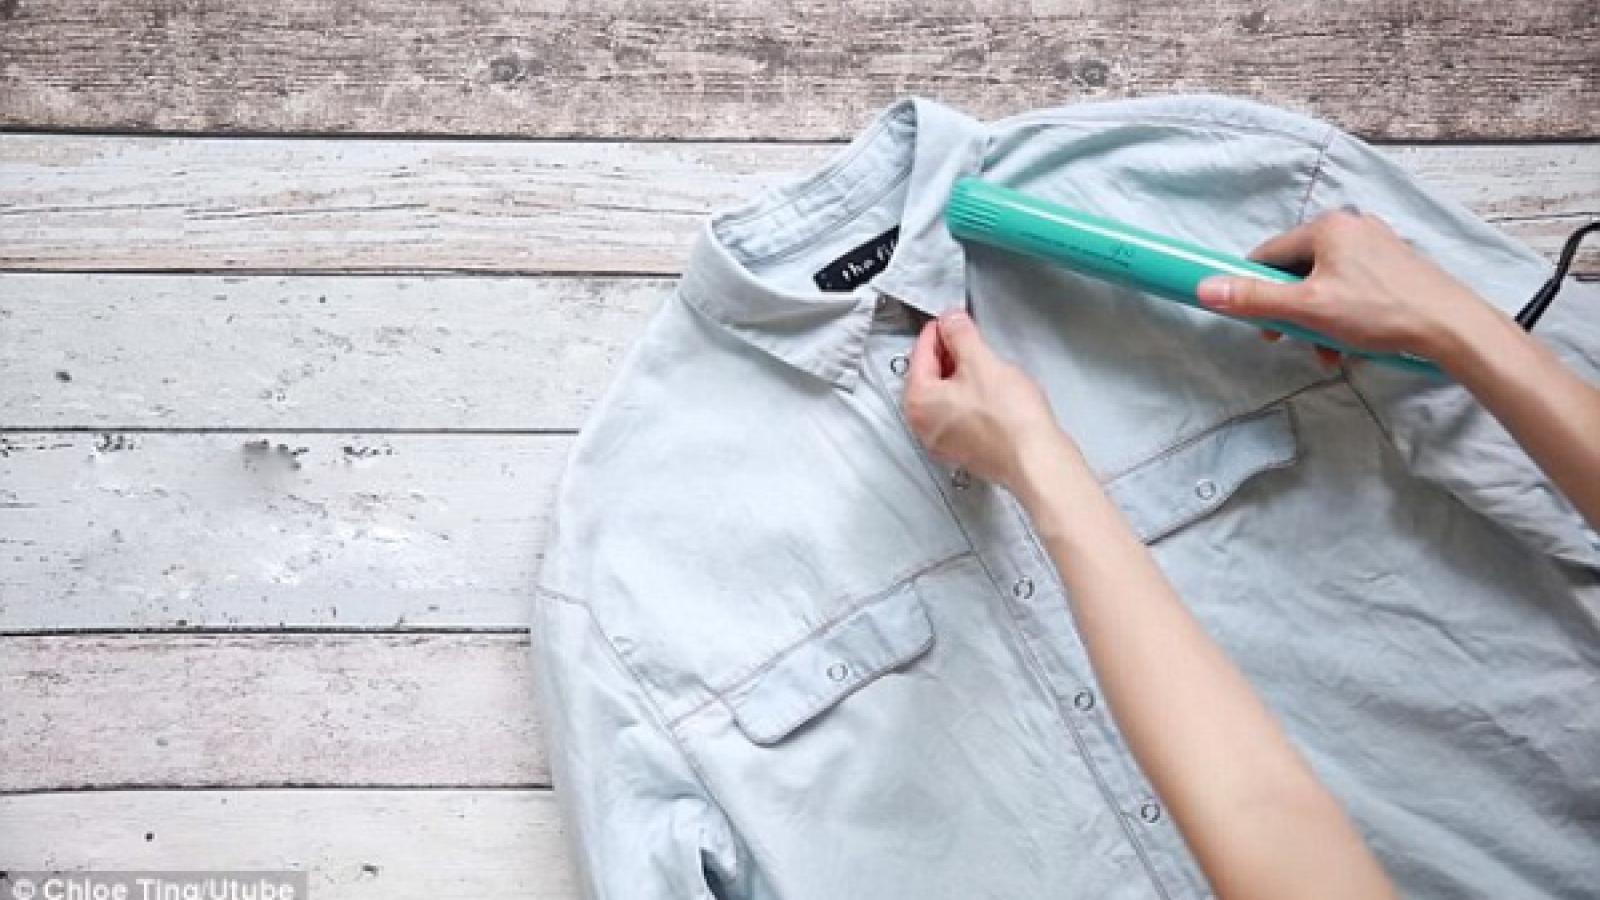 5 mẹo hay giúp quần áo luôn phẳng phiumà không cần là ủi